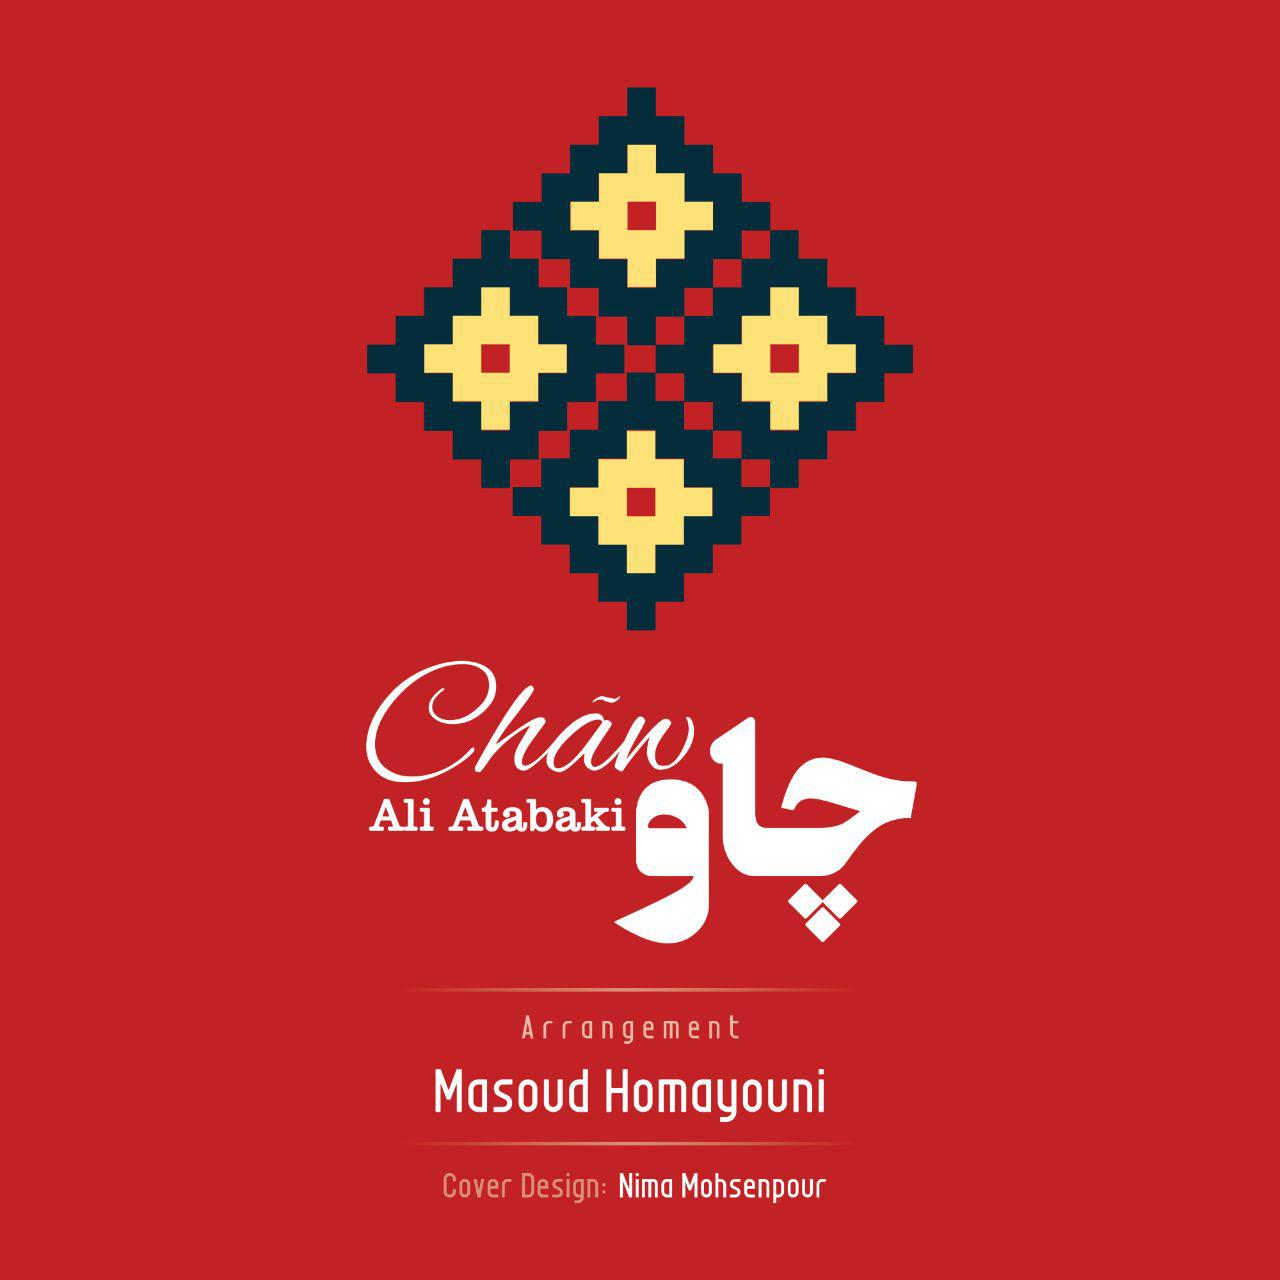 دانلود آهنگ جدید علی اتابکی بنام چاو